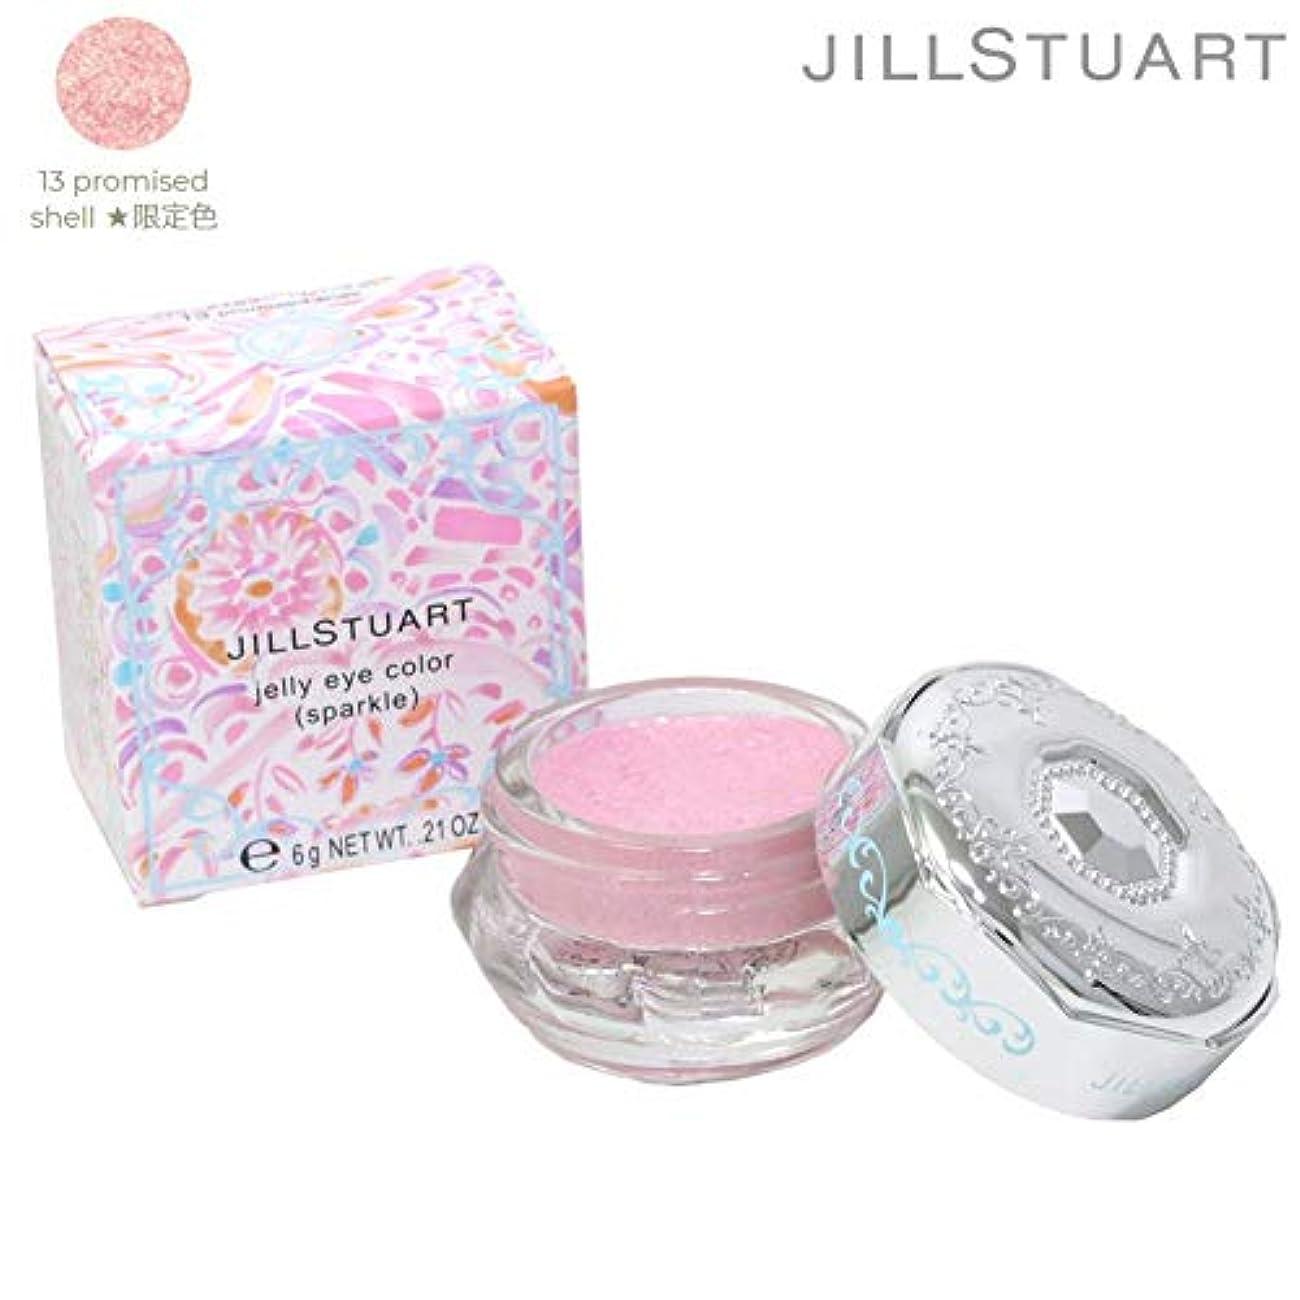 アサー笑い増加するJILL STUART(ジルスチュアート) ジェリーアイカラー (スパークル) 6g 『Jelly Eye Color (Sparkle)』 #13(promised shell 【限定色】)